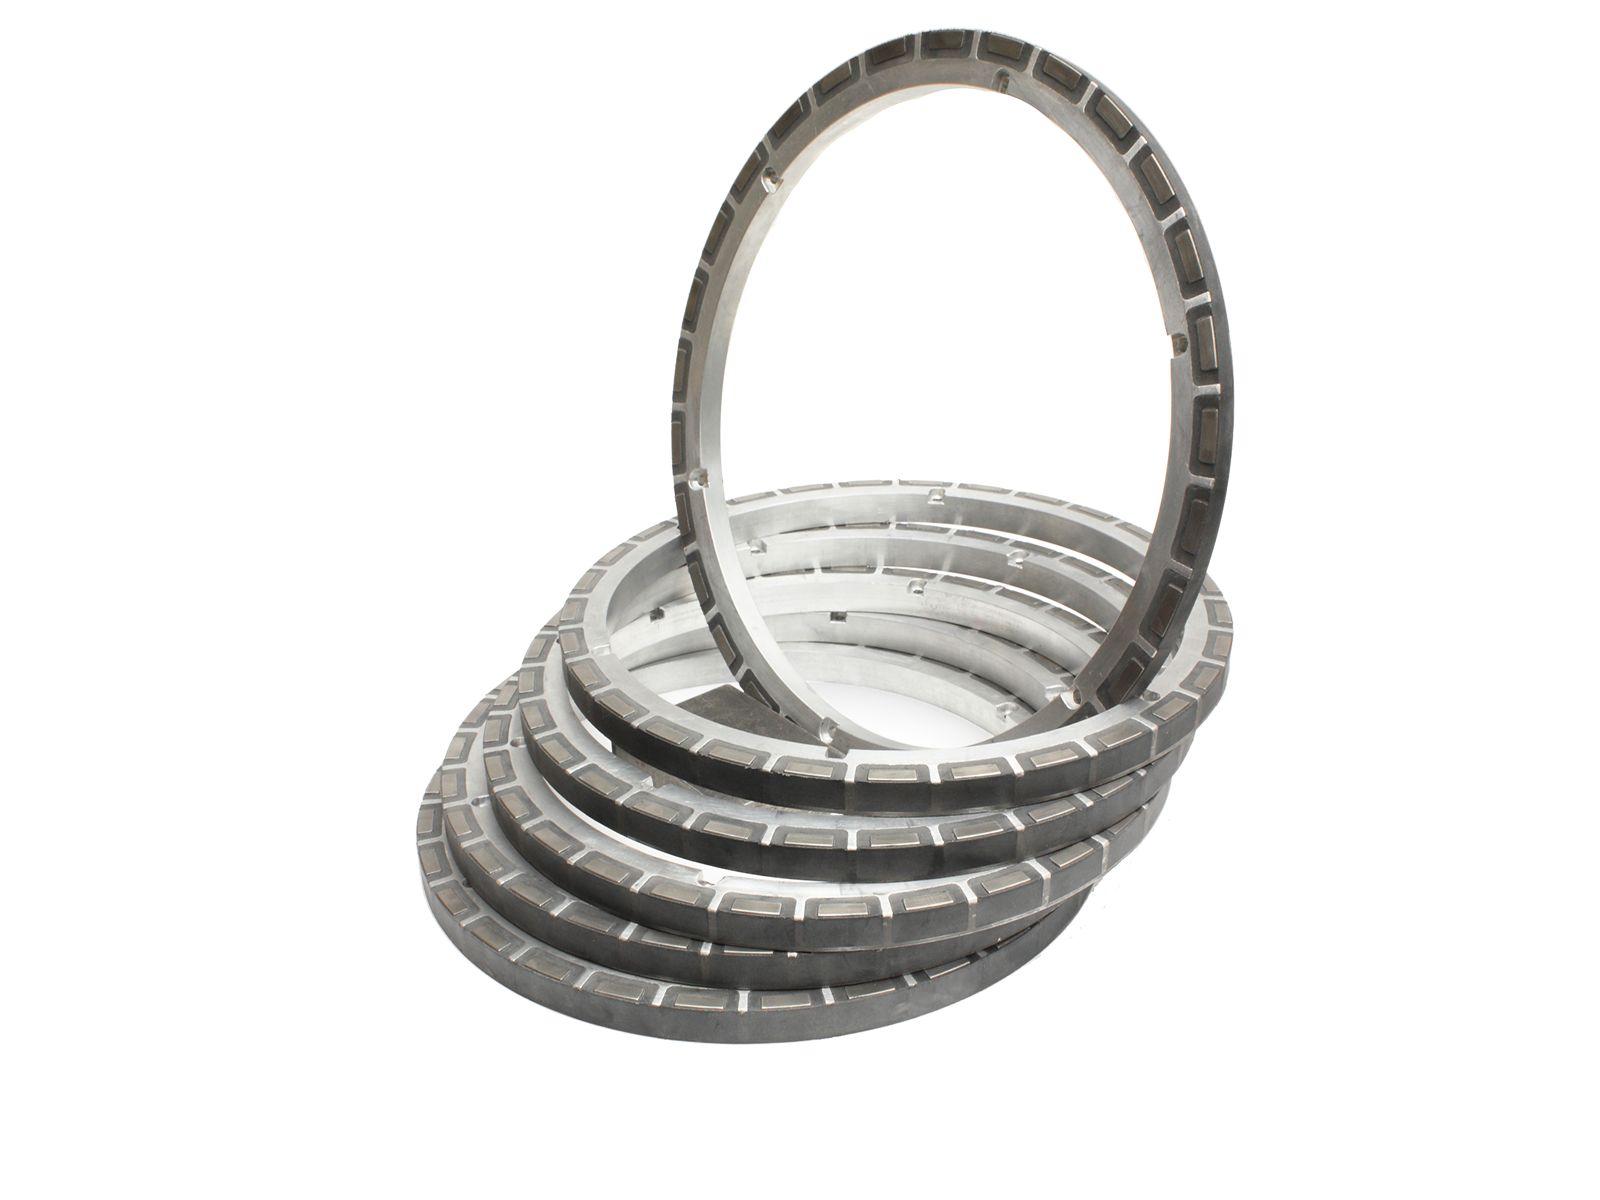 Utilizzando primer specifici è possibile costampare su metallo o carbonio diverse tipologie di gomme e siliconi